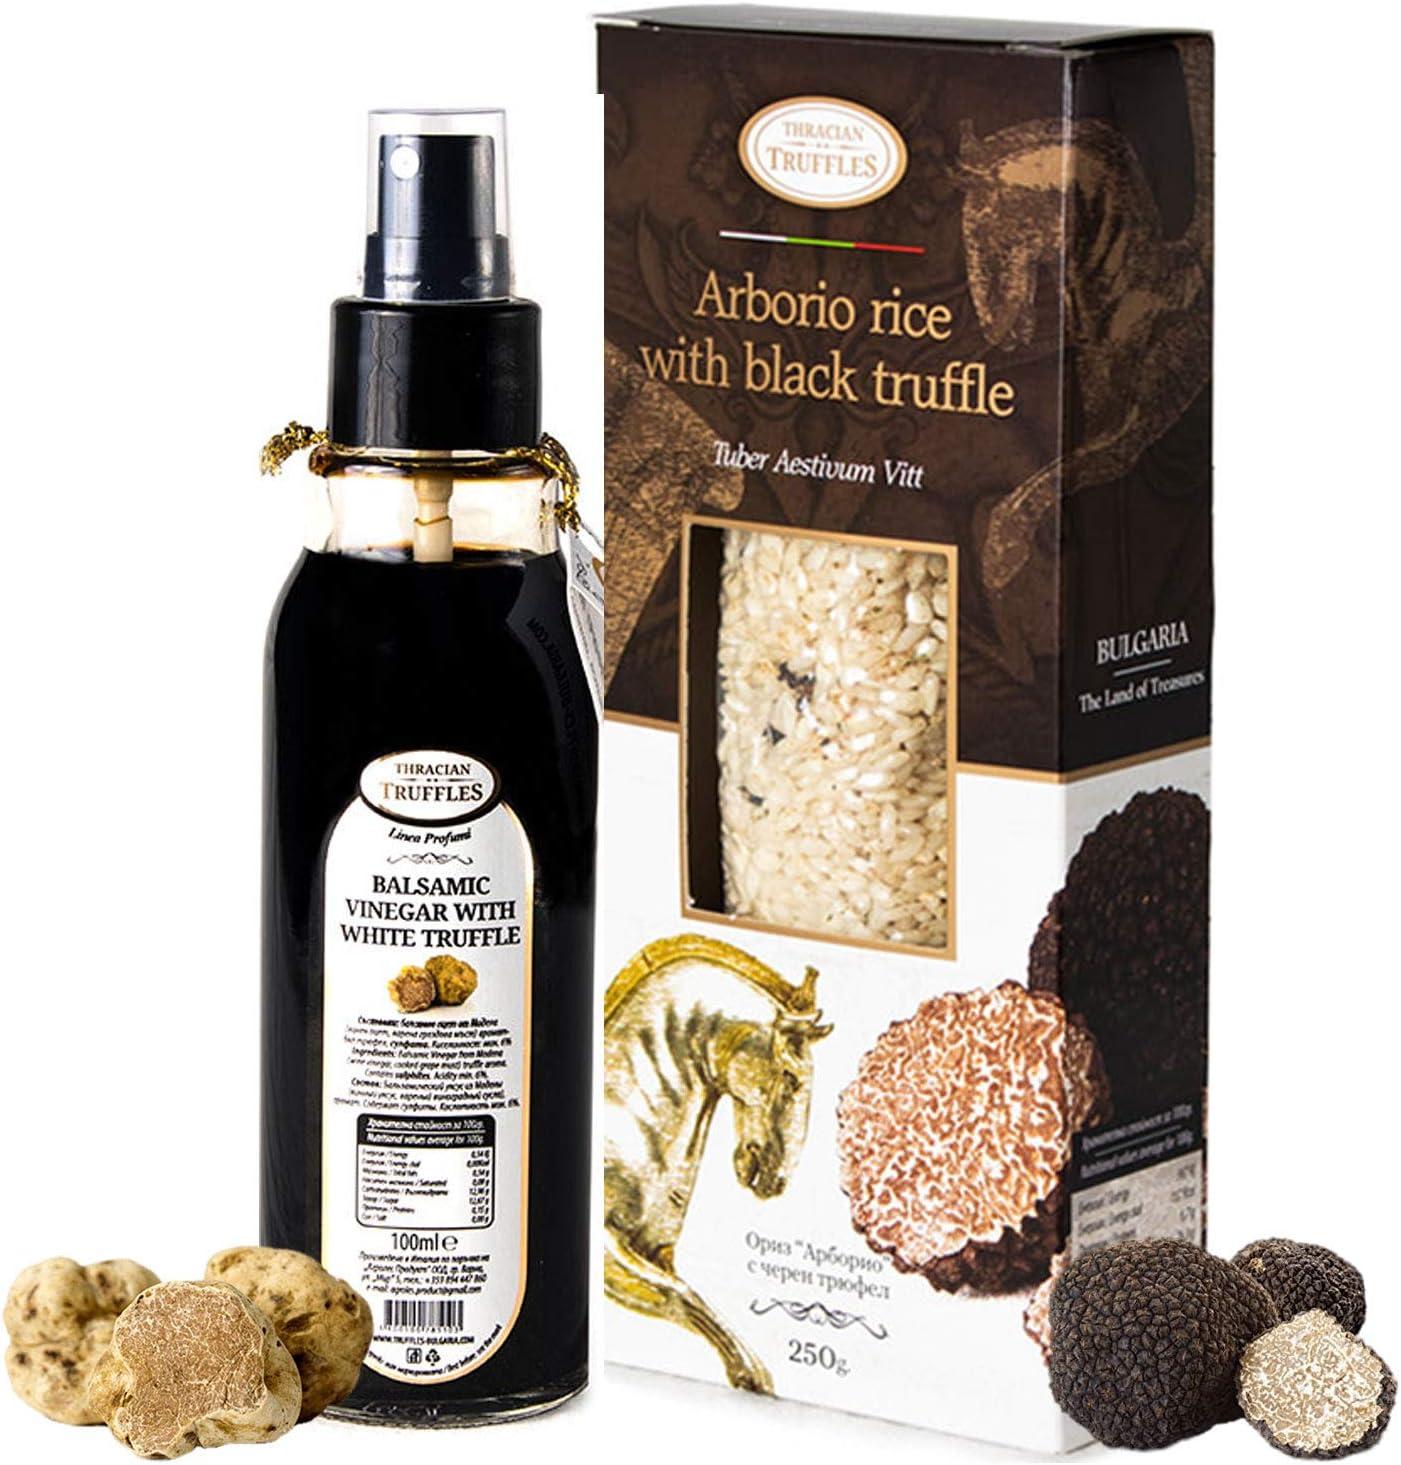 Arborio Risotto Arroz con trufa de verano negro Aestivum Vitt rico en fibras antioxidantes 250 g y vinagre balsámico de Módena con trufa blanca Magnatum Pico ensalada Spray Best Gourmet